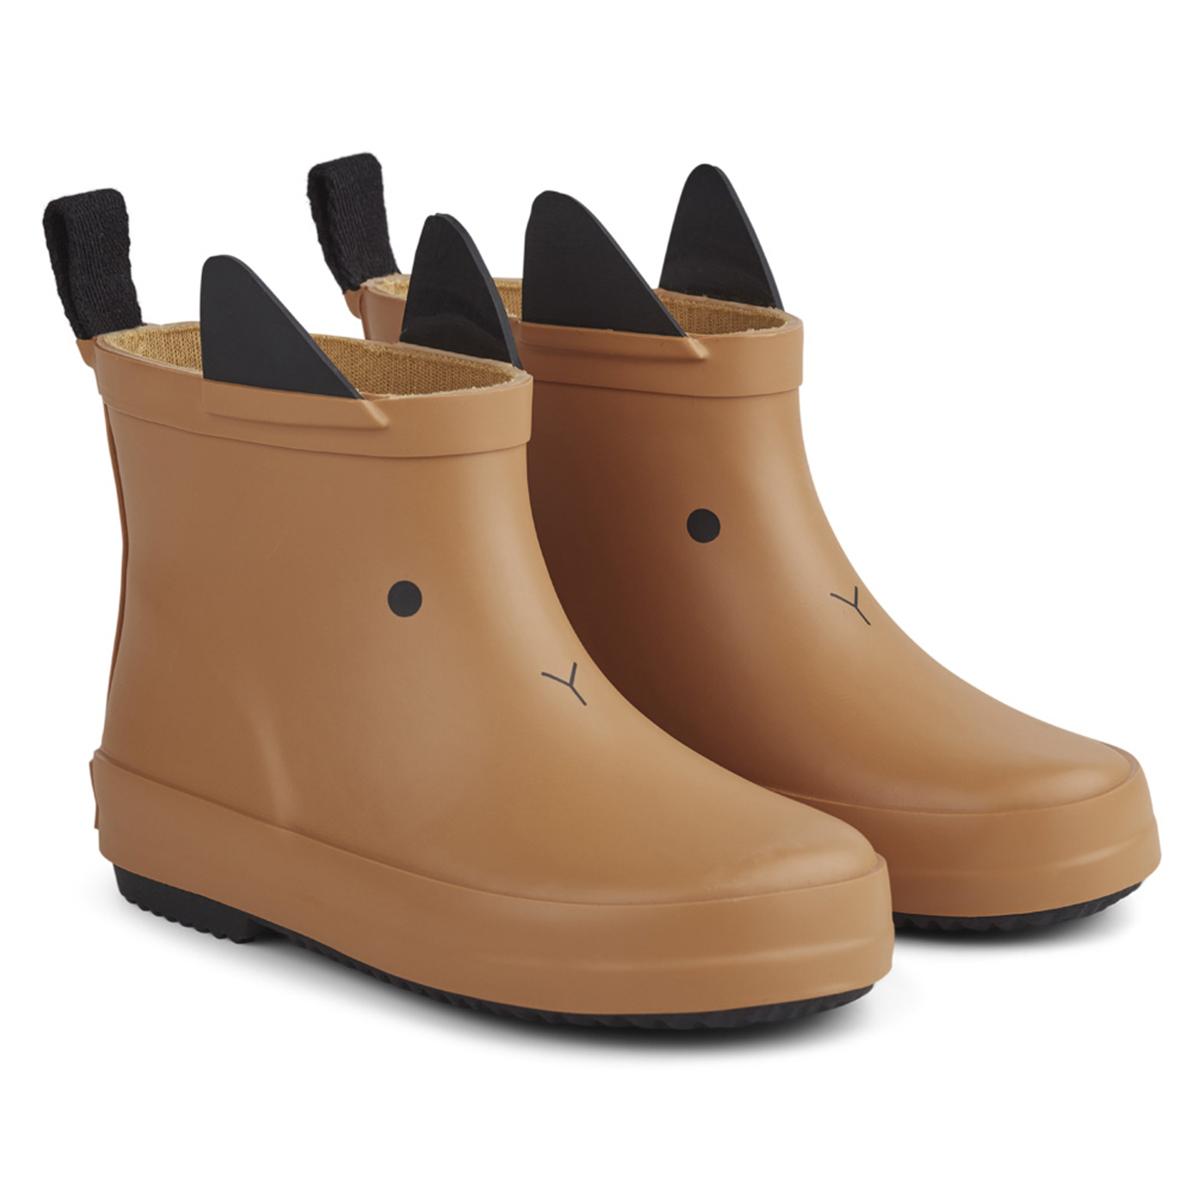 Chaussons & Chaussures Bottes de Pluie Tobi Rabbit Mustard - 22